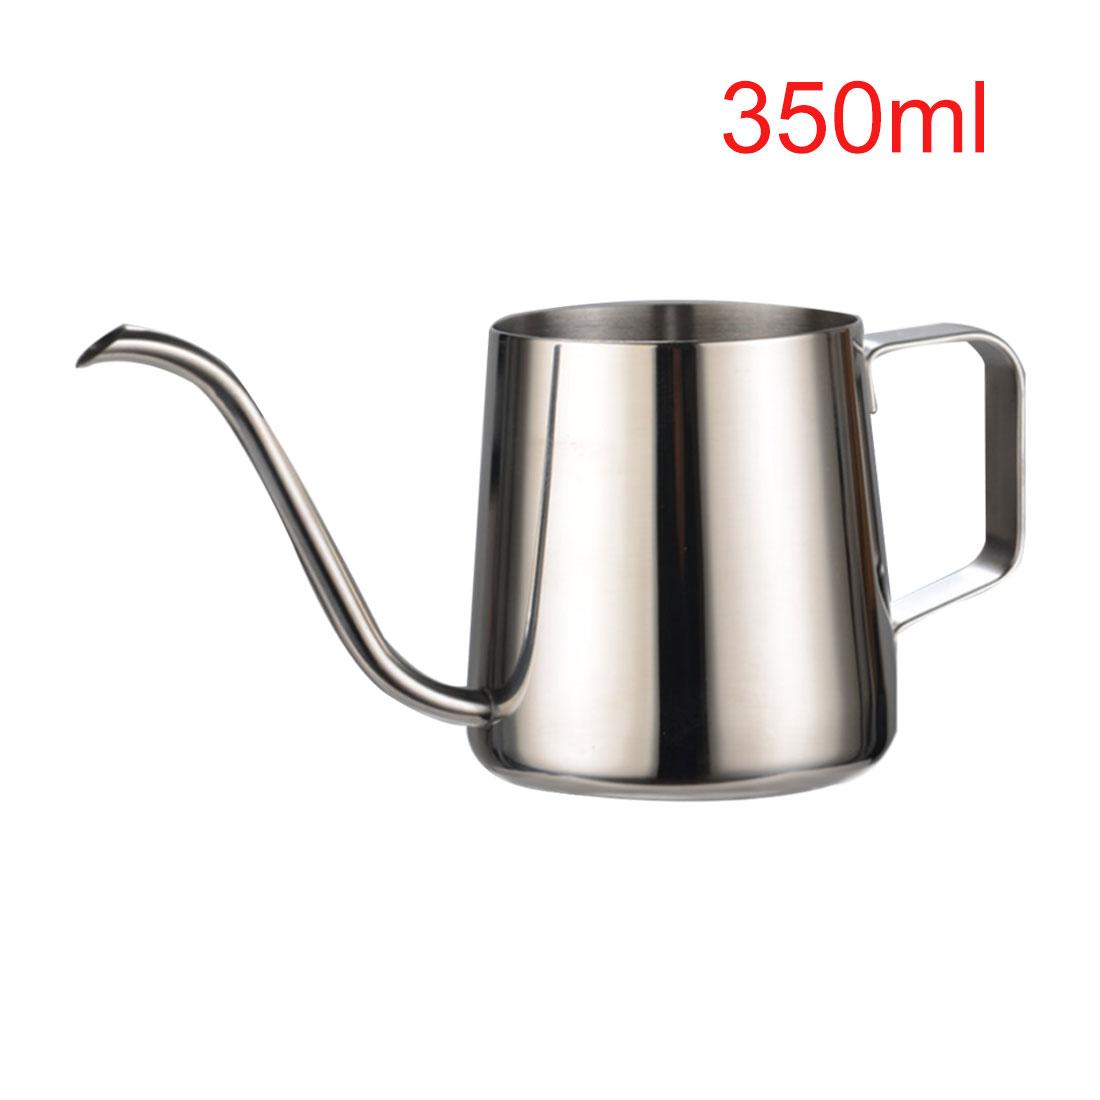 1 шт. 250/350 мл нержавеющая сталь Форма гусиной шеи ручная капельная кофейница носик с длинным горлом чайник кофеварка(Китай)